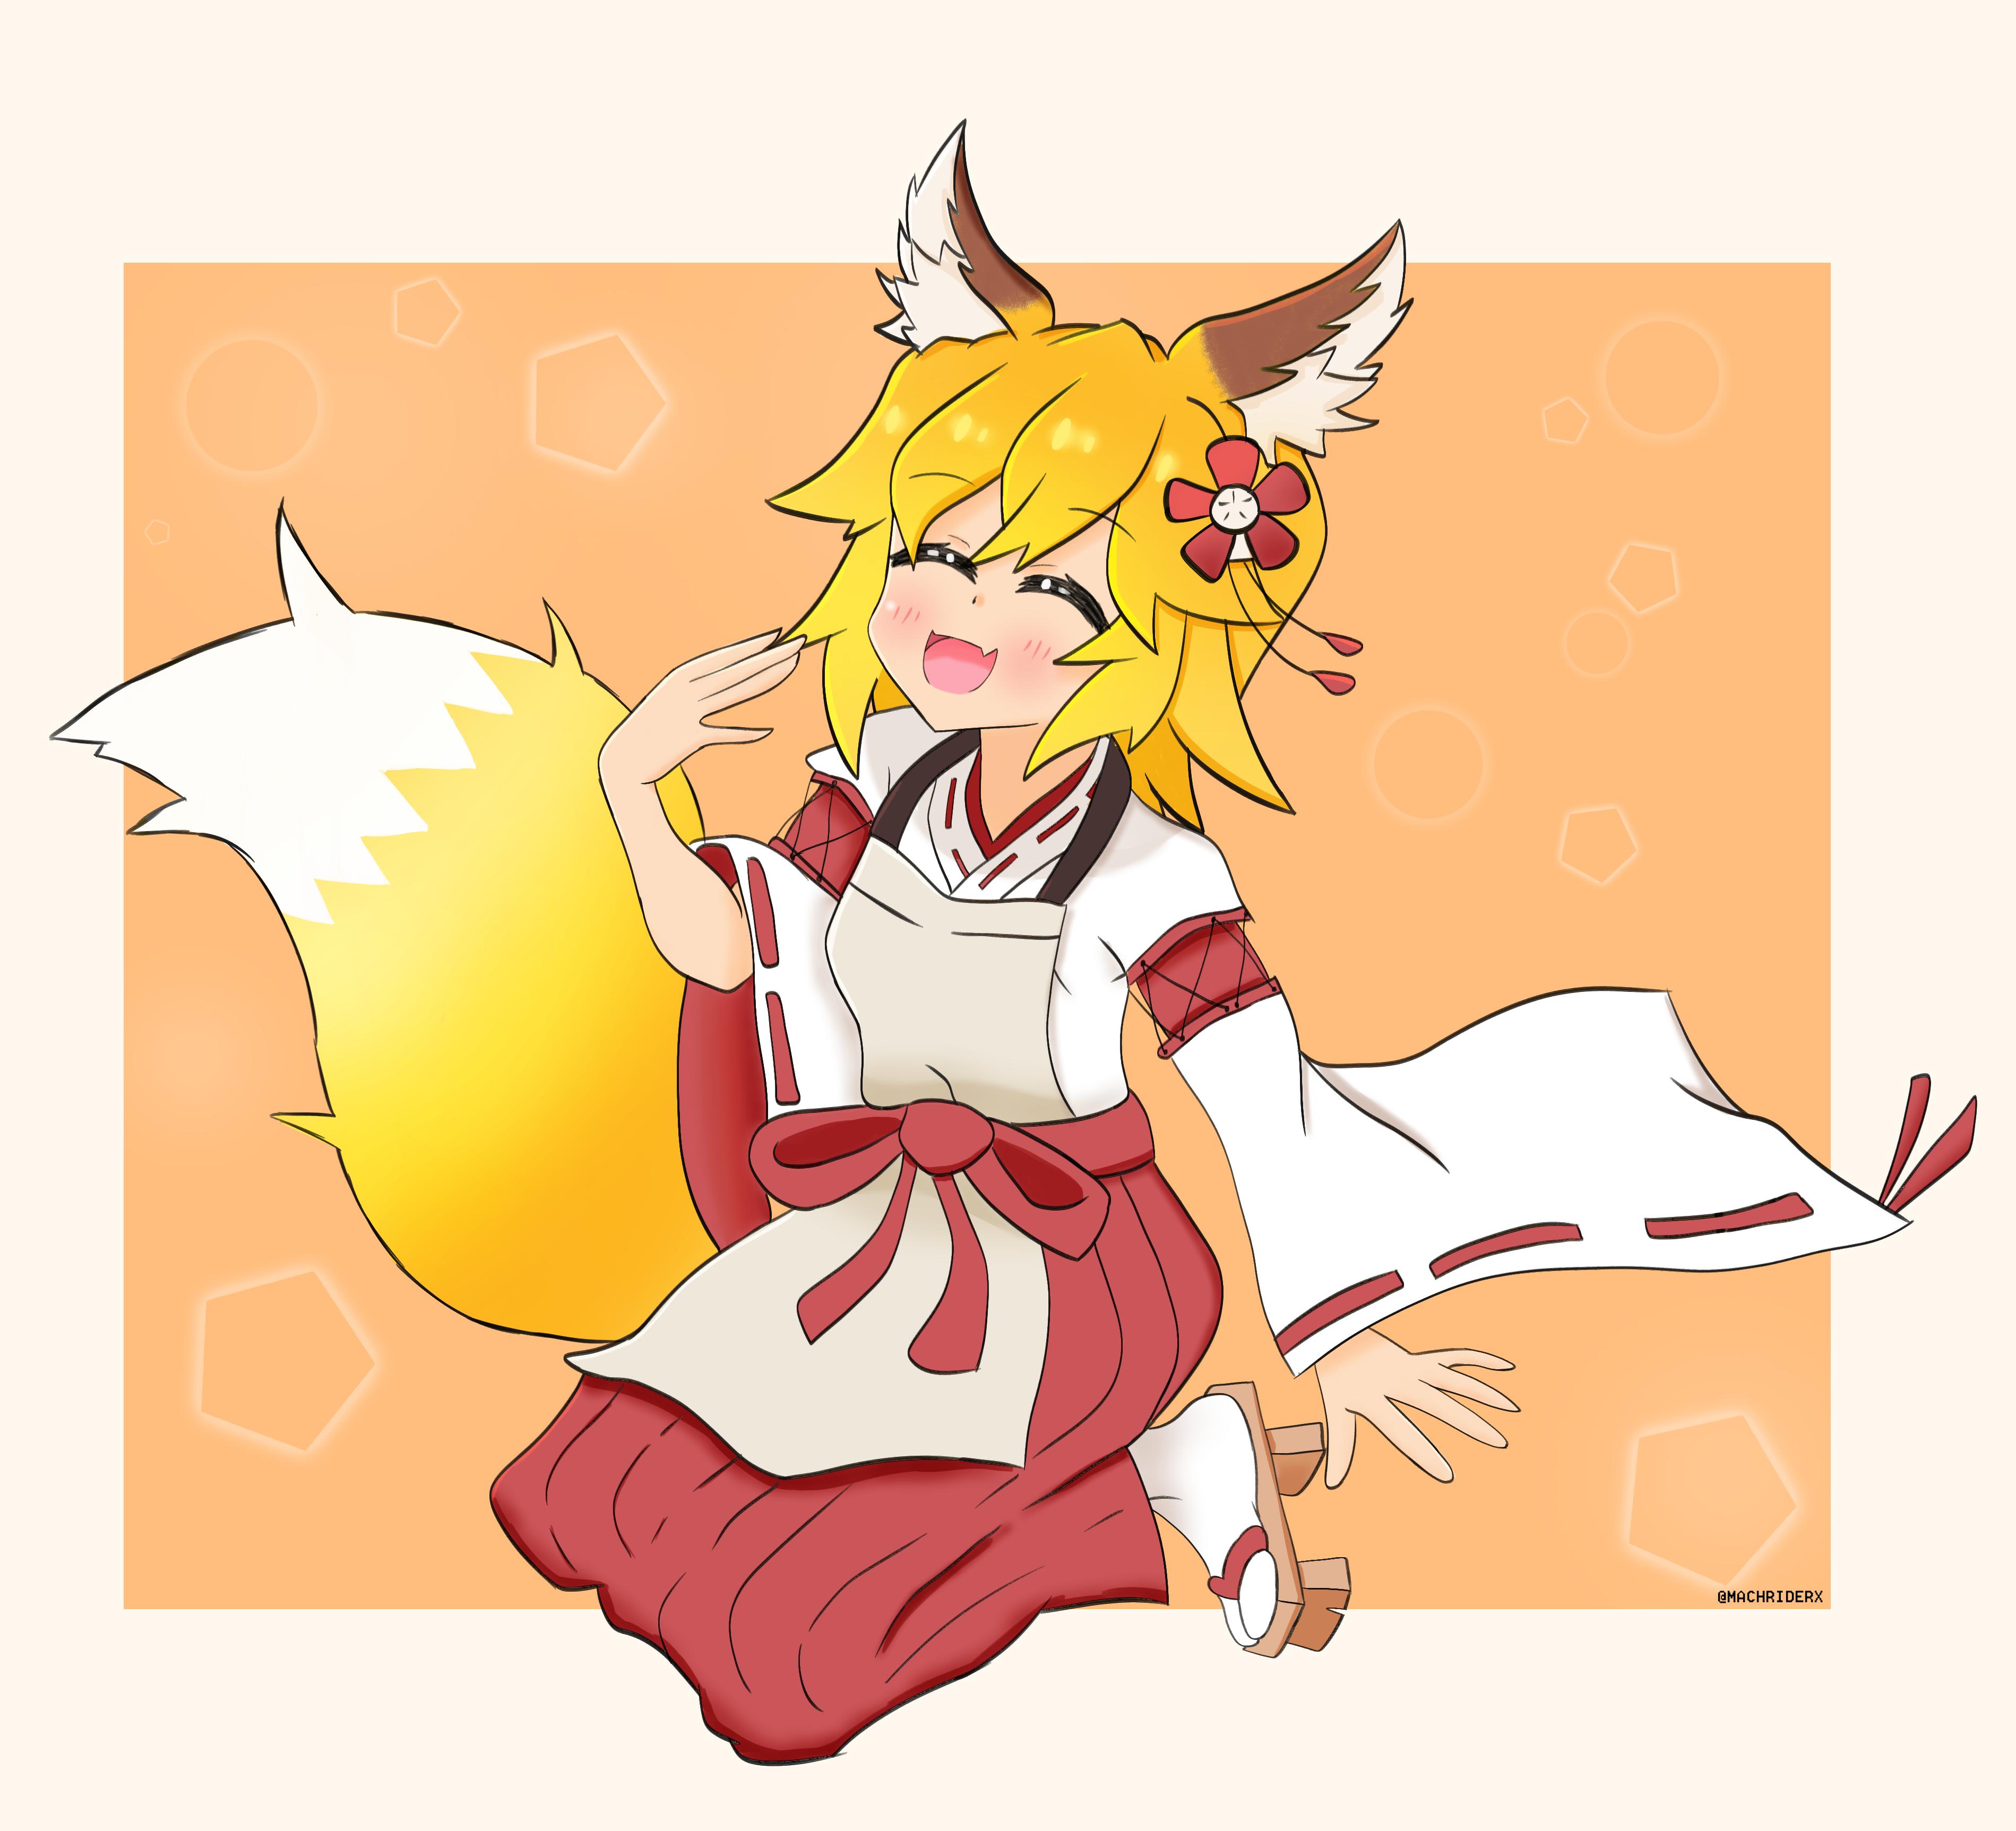 Senko-San